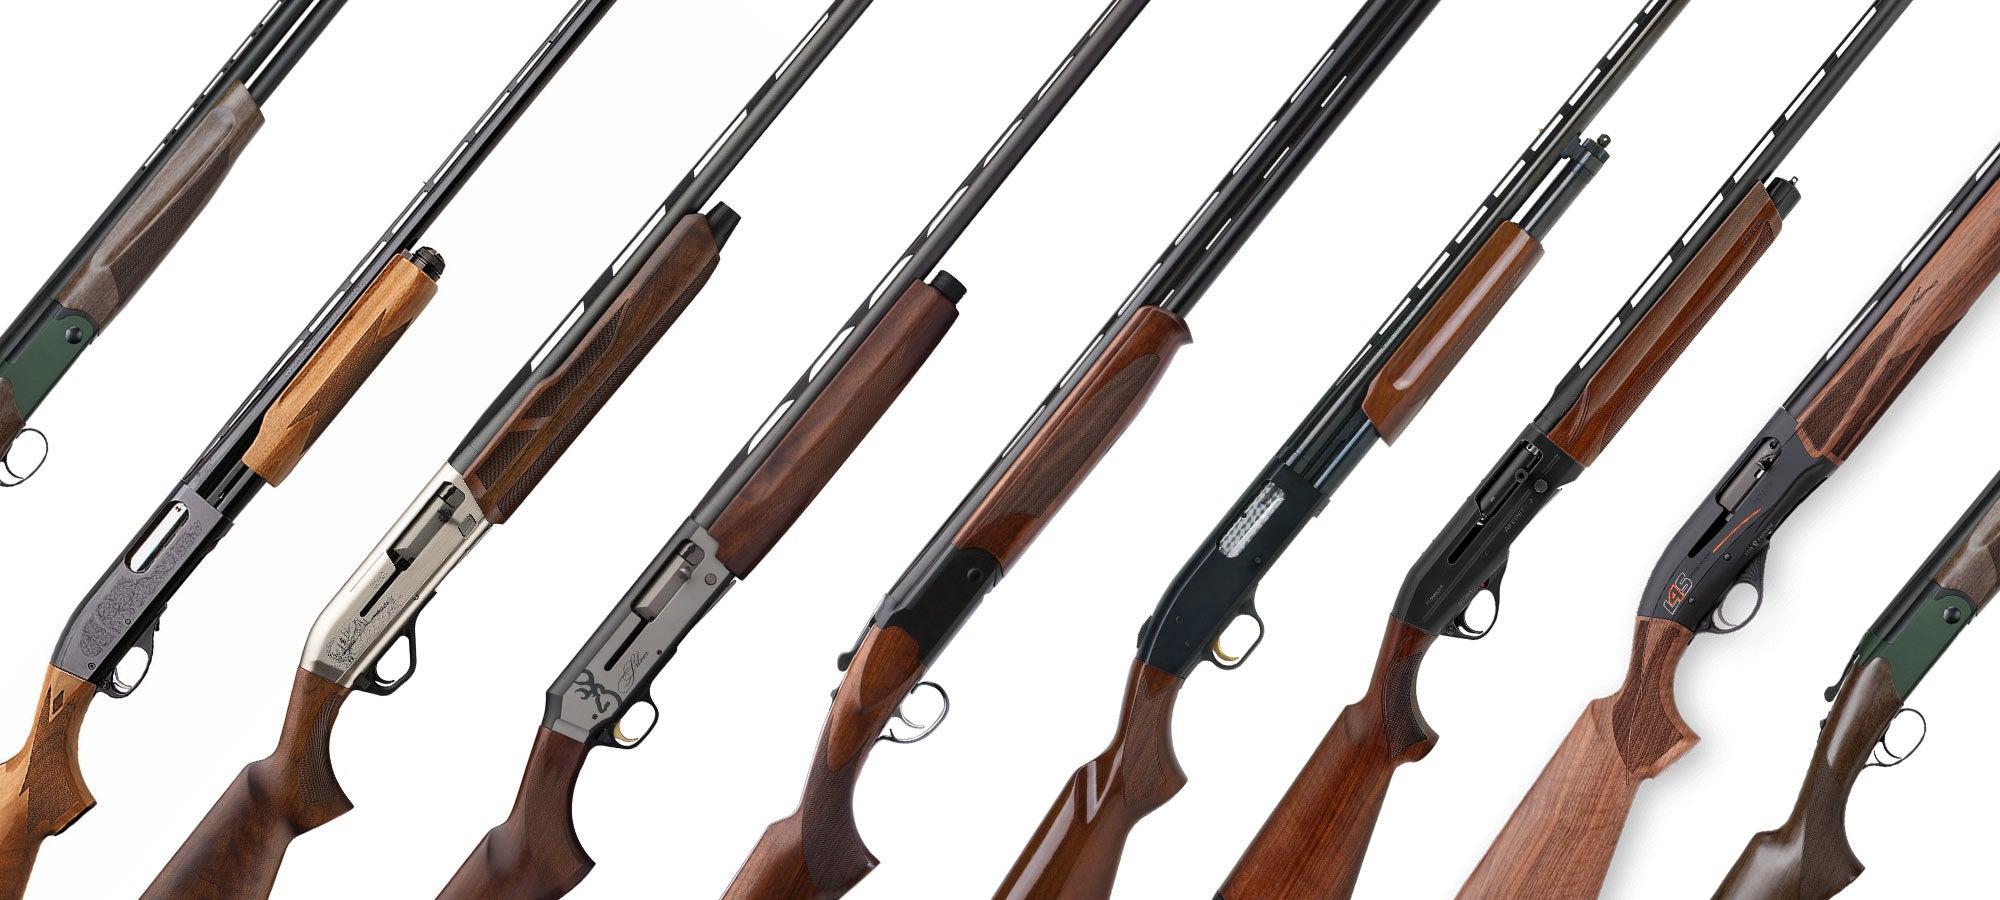 upland bird hunting shotguns